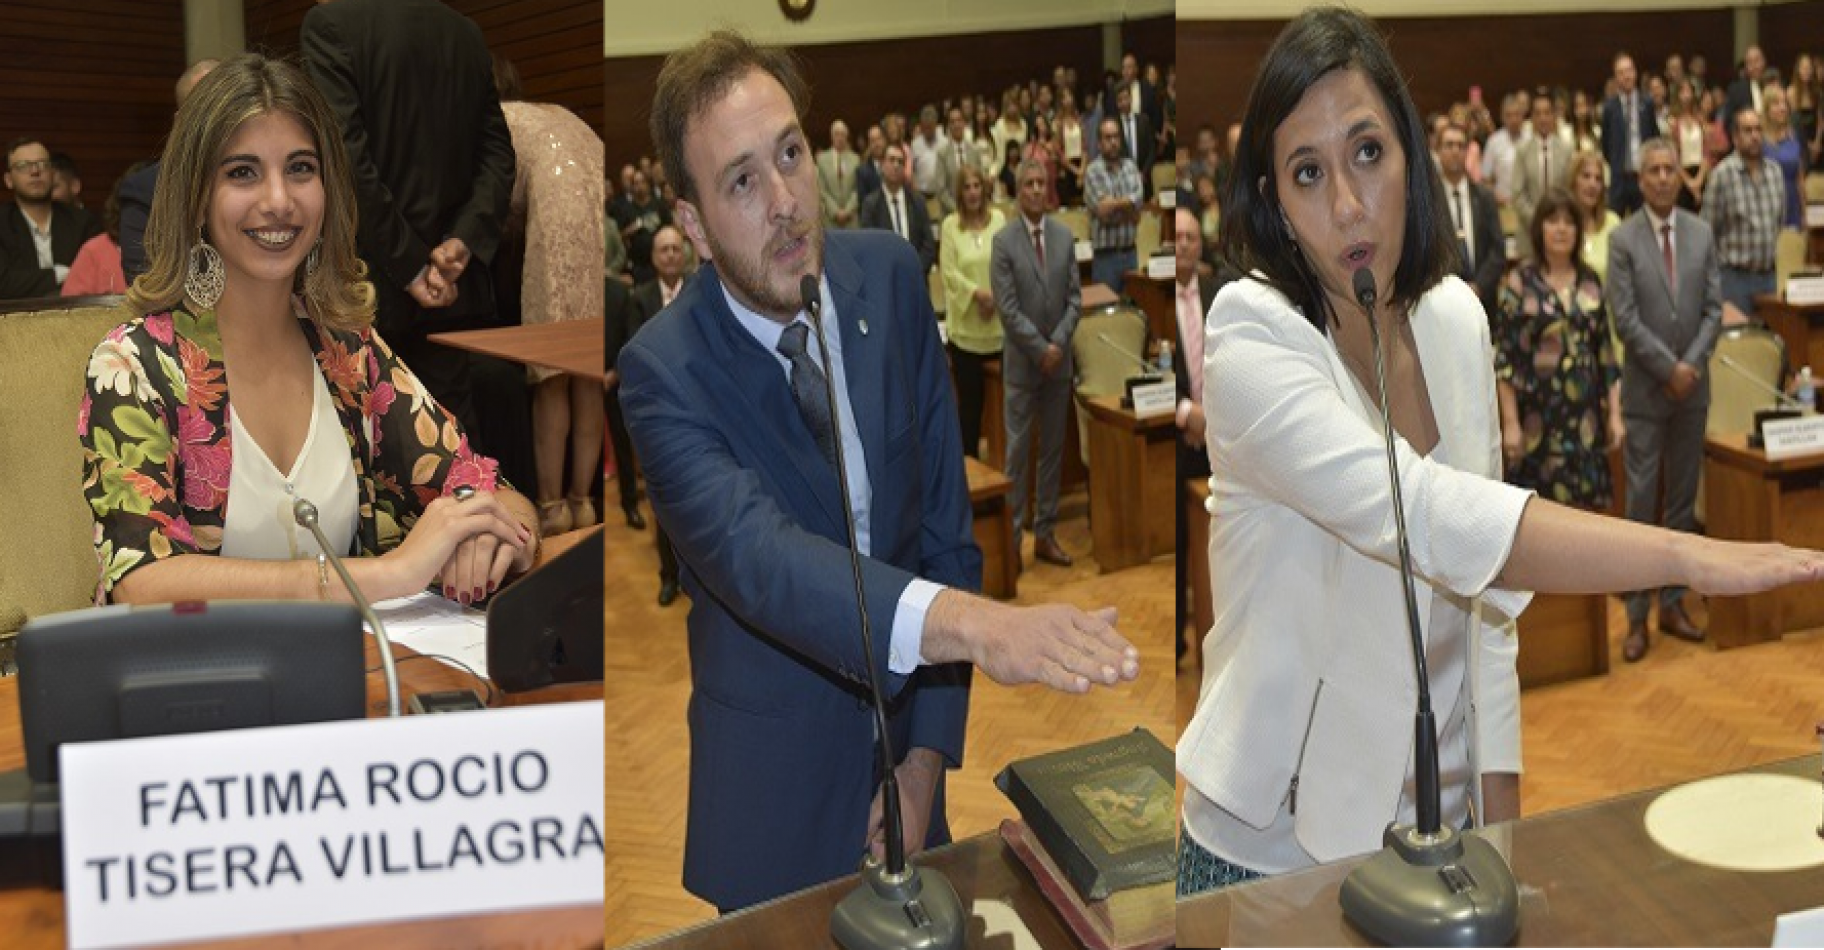 De izquierda a derecha: Fátima Tisera, Emanuel Palmieri y Leila Chaher, legisladores que juraron por la militancia